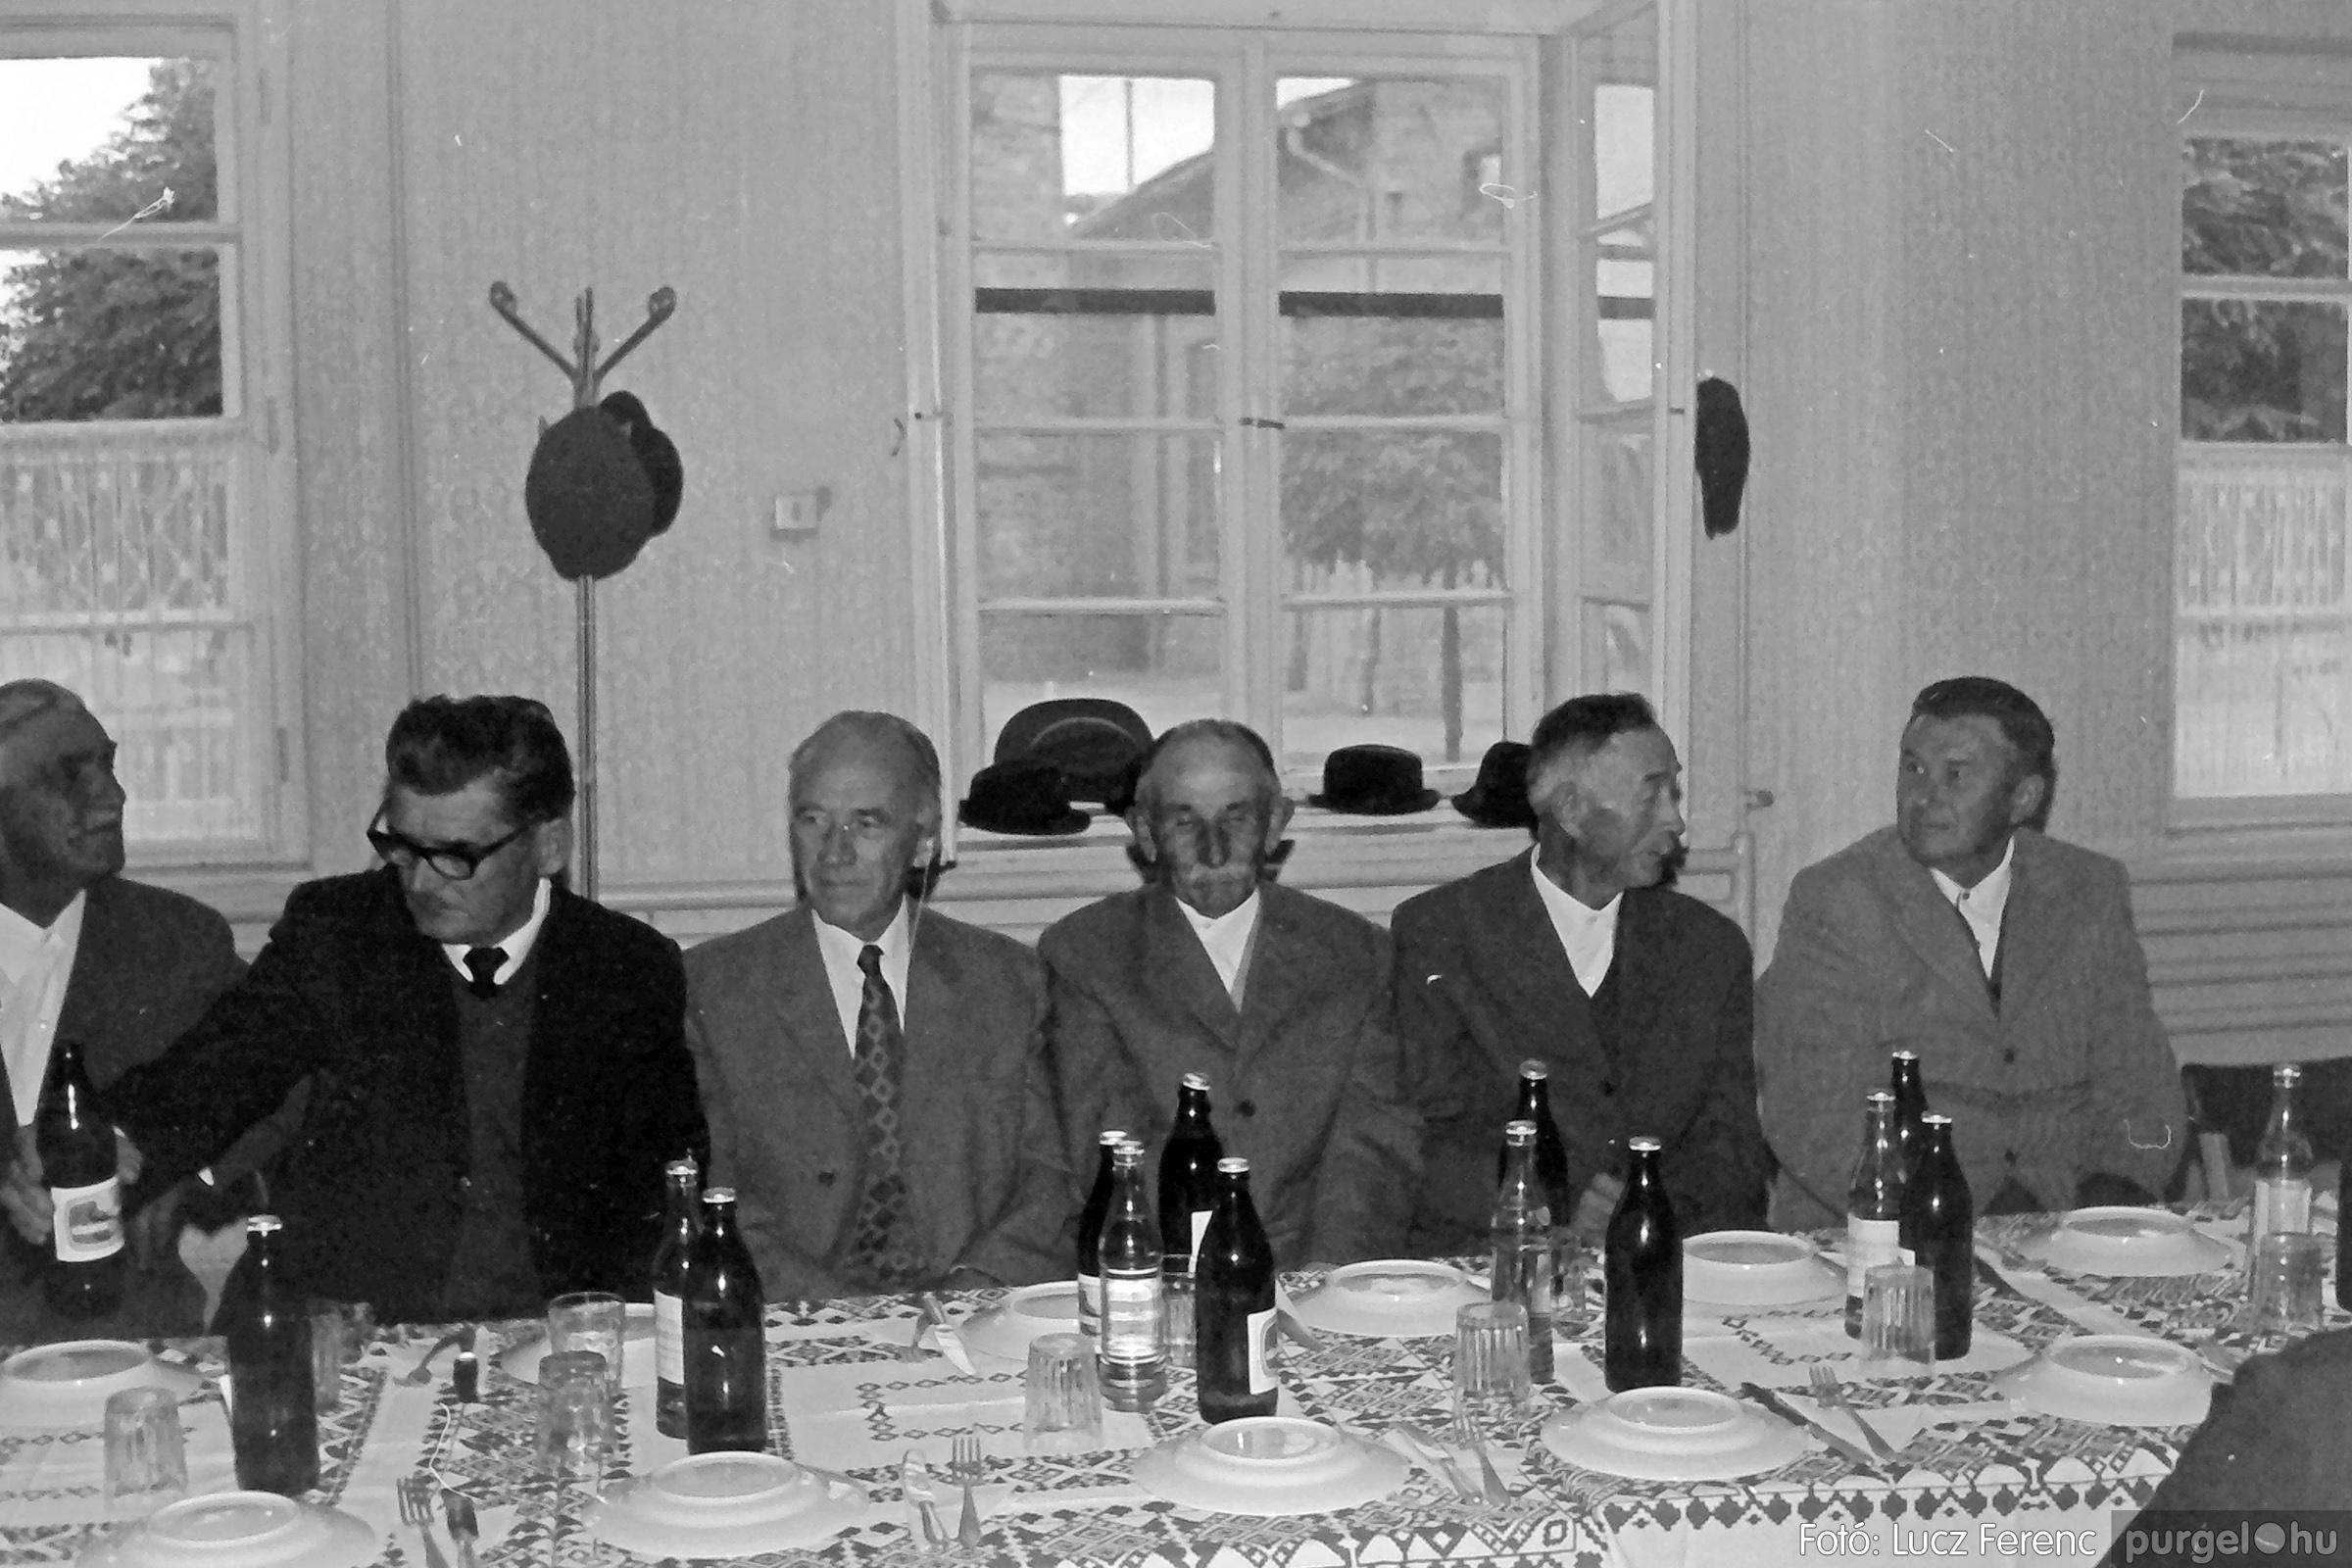 088A. 1977. Nyugdíjas találkozó a Kendergyárban 006. - Fotó: Lucz Ferenc.jpg